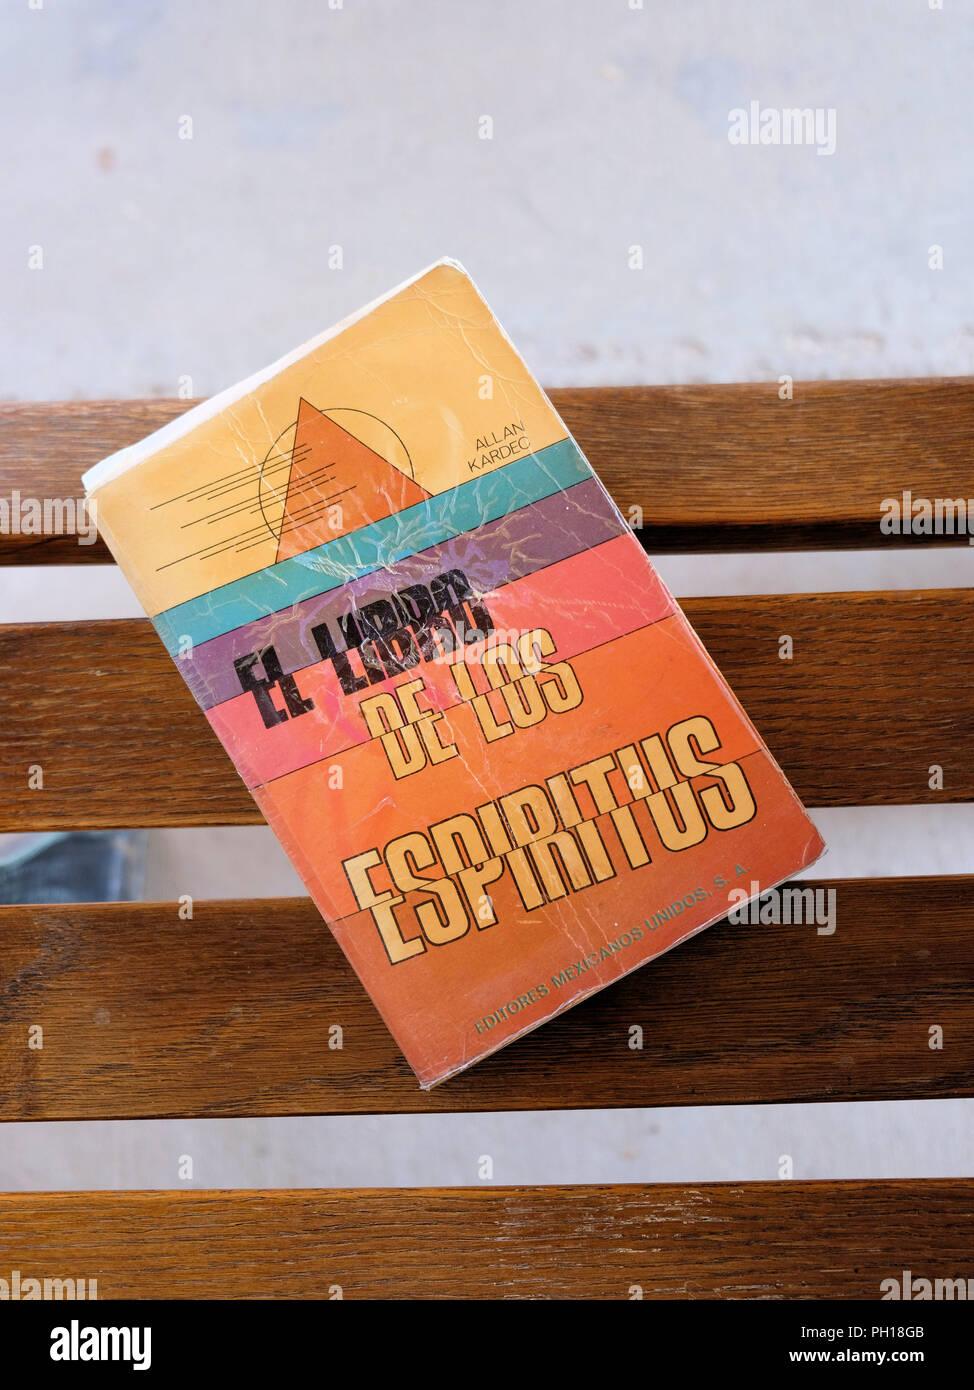 Spanish version of Allan Kardec's The Spirits' Book published by Editores Mexicanos Unidos in 1990 as El Libro de los Espíritus. Stock Photo